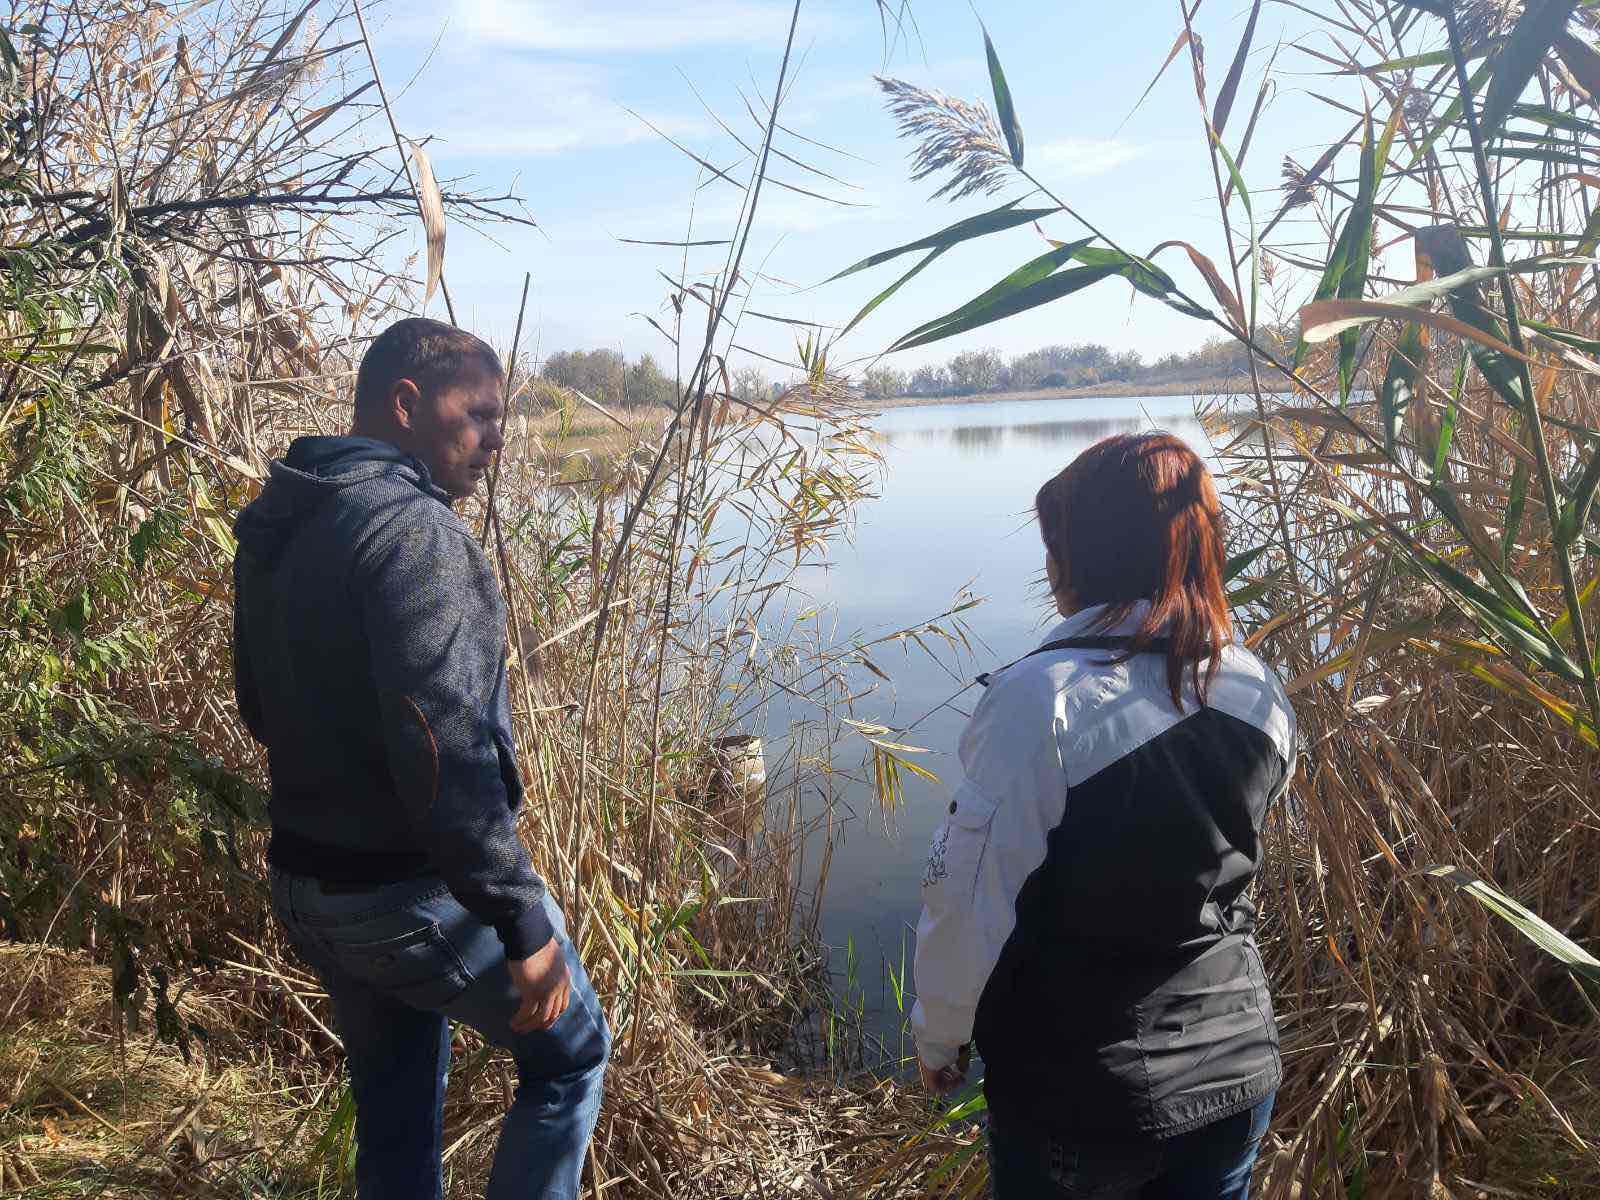 Обласною комісією з визначення переліку водних об'єктів було проведенно обстеження